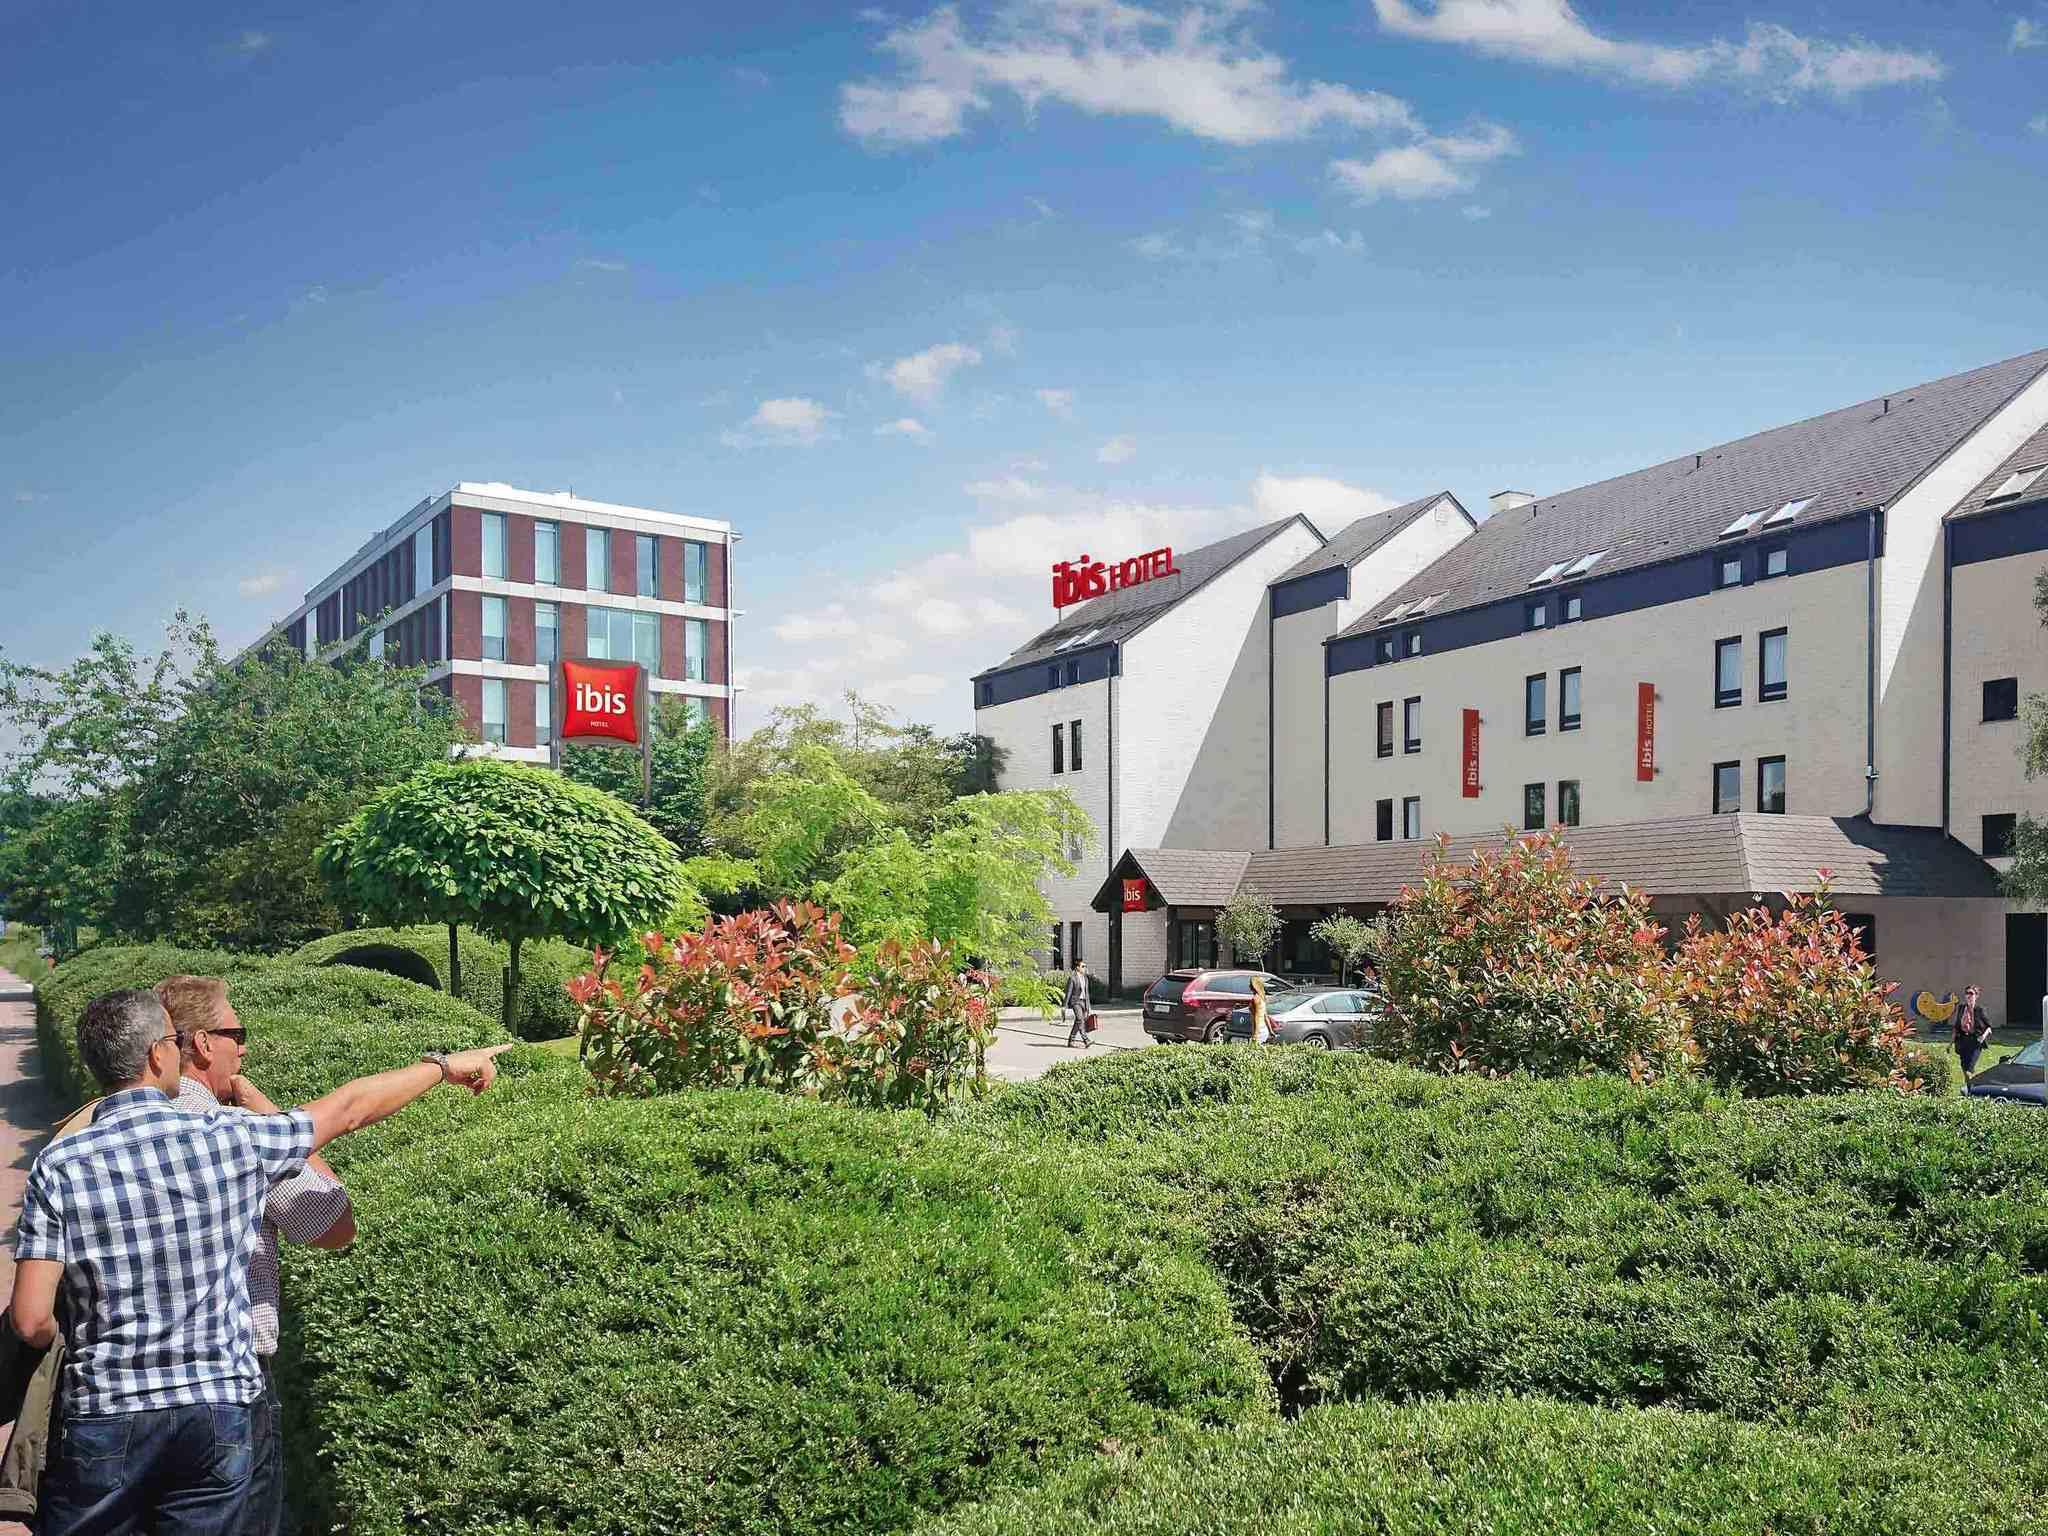 فندق - فندق إيبيس IBIS بروكسل إيراسموس